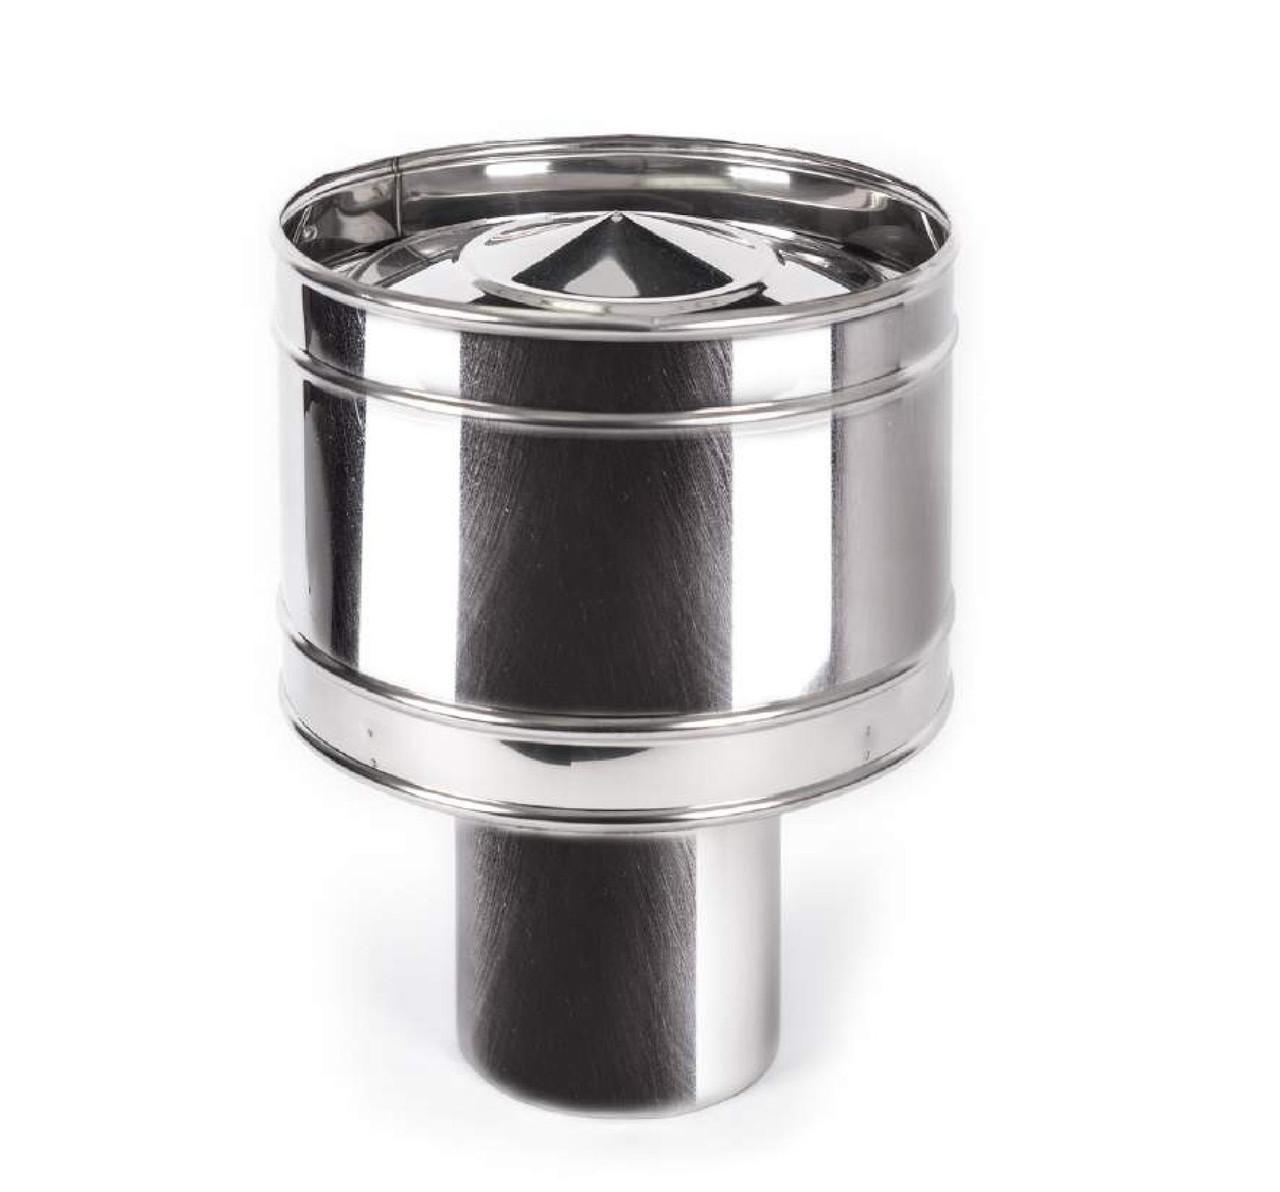 Волпер (дефлектор) одностенный из нержавеющей стали